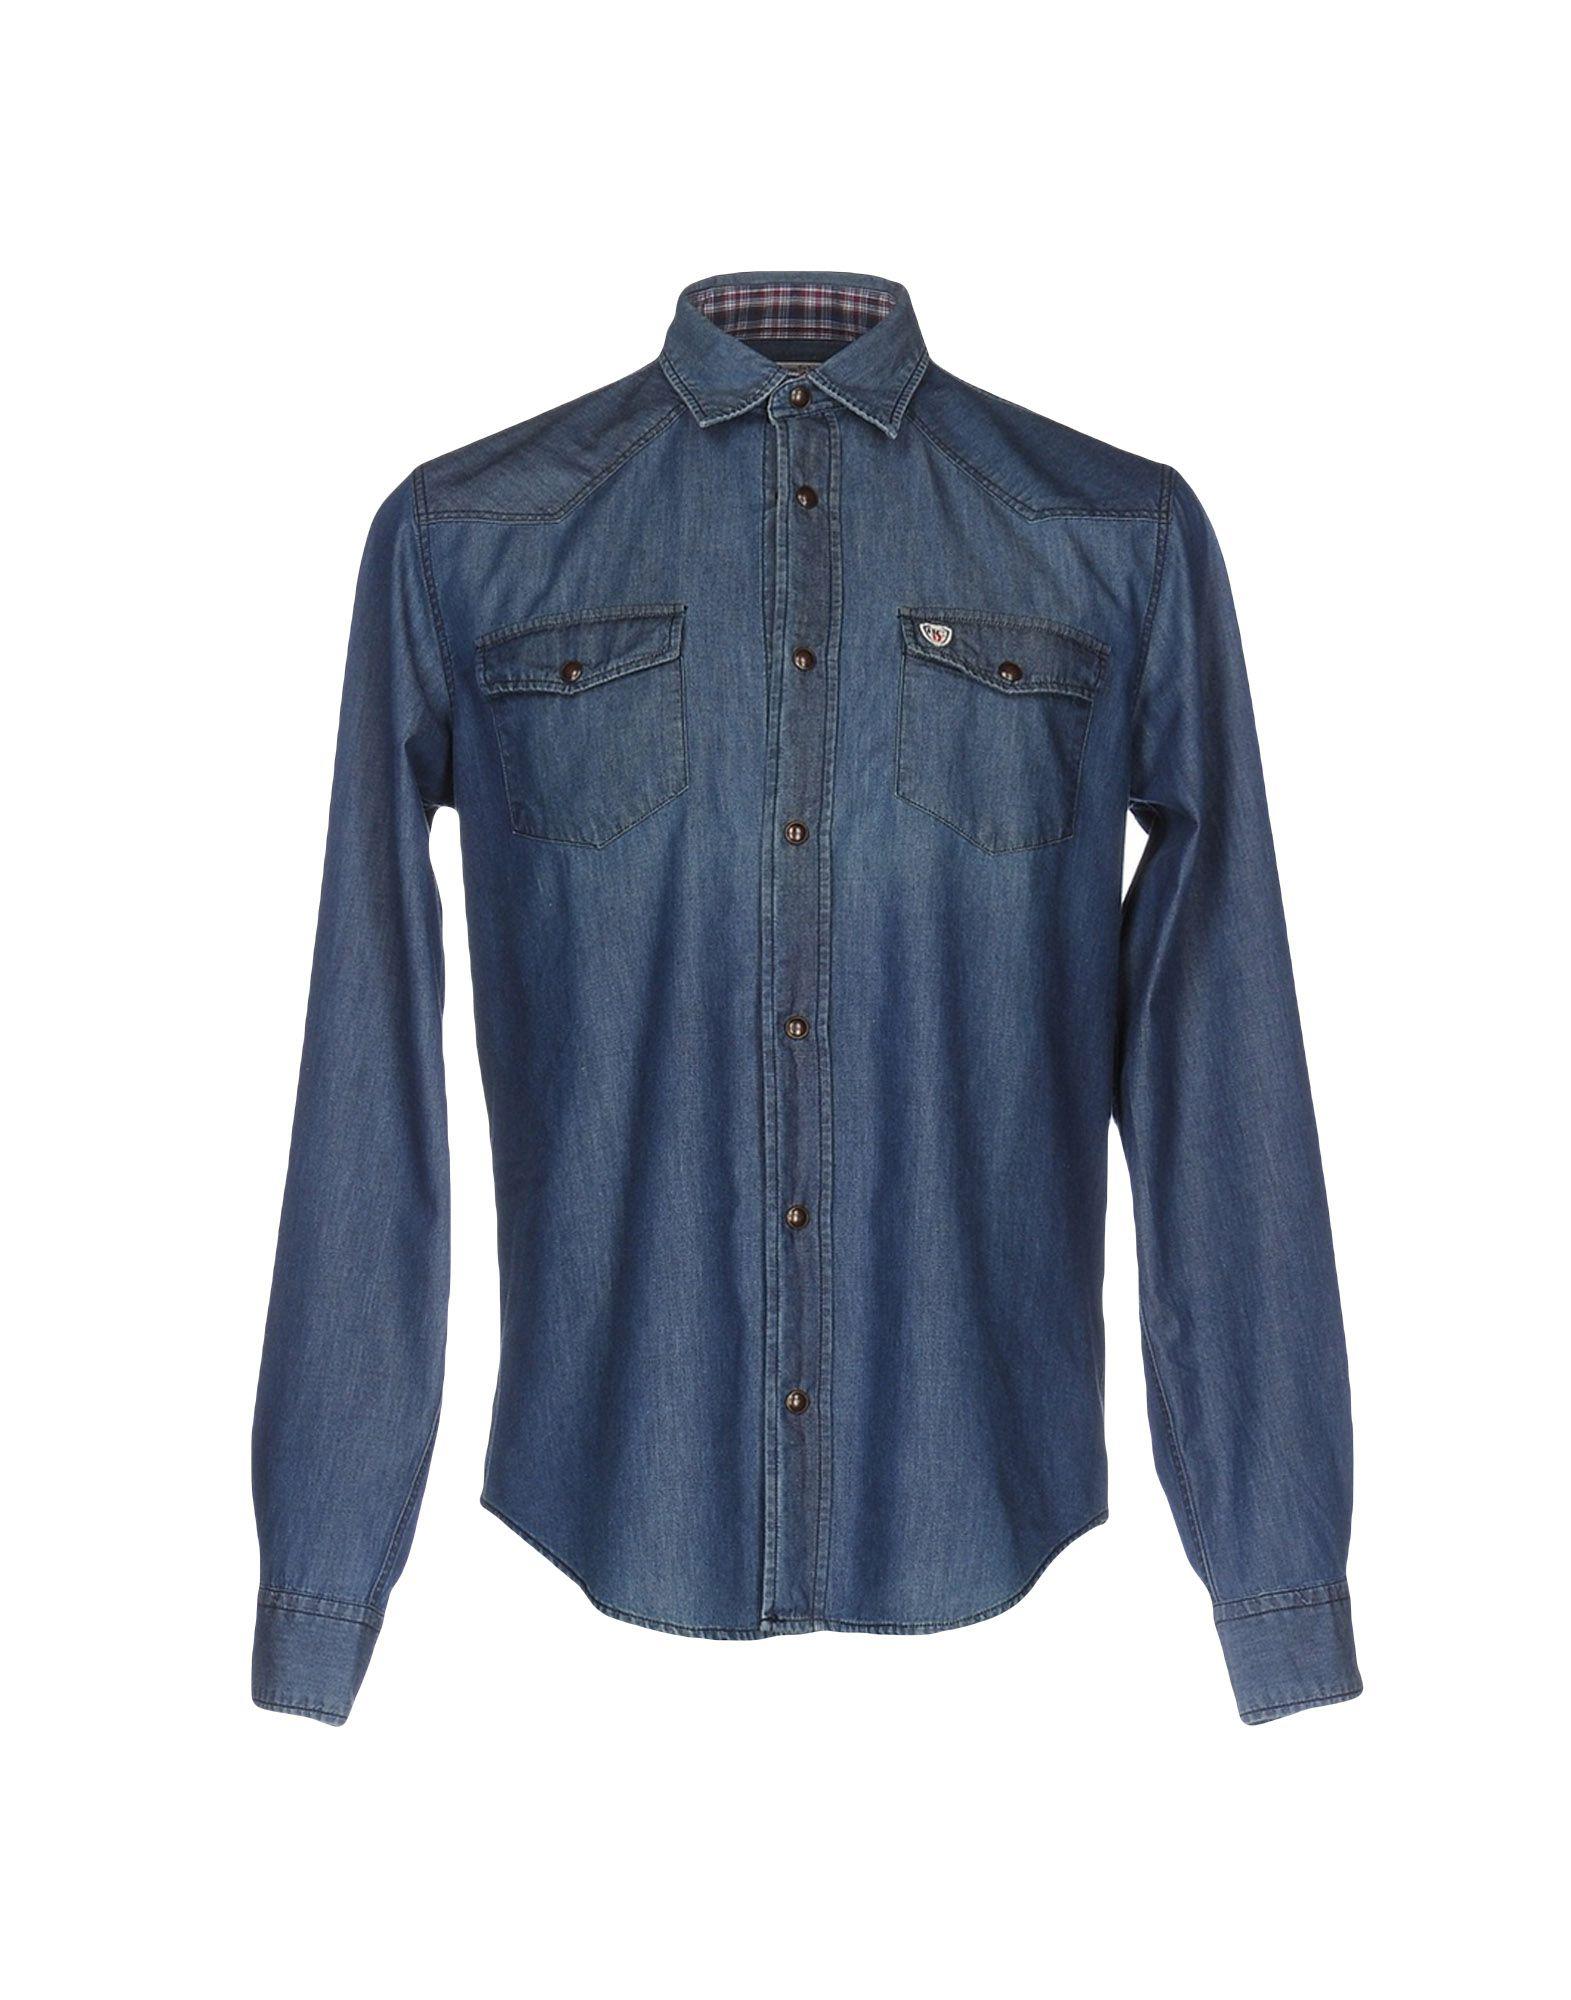 цена HENRY COTTON'S Джинсовая рубашка онлайн в 2017 году